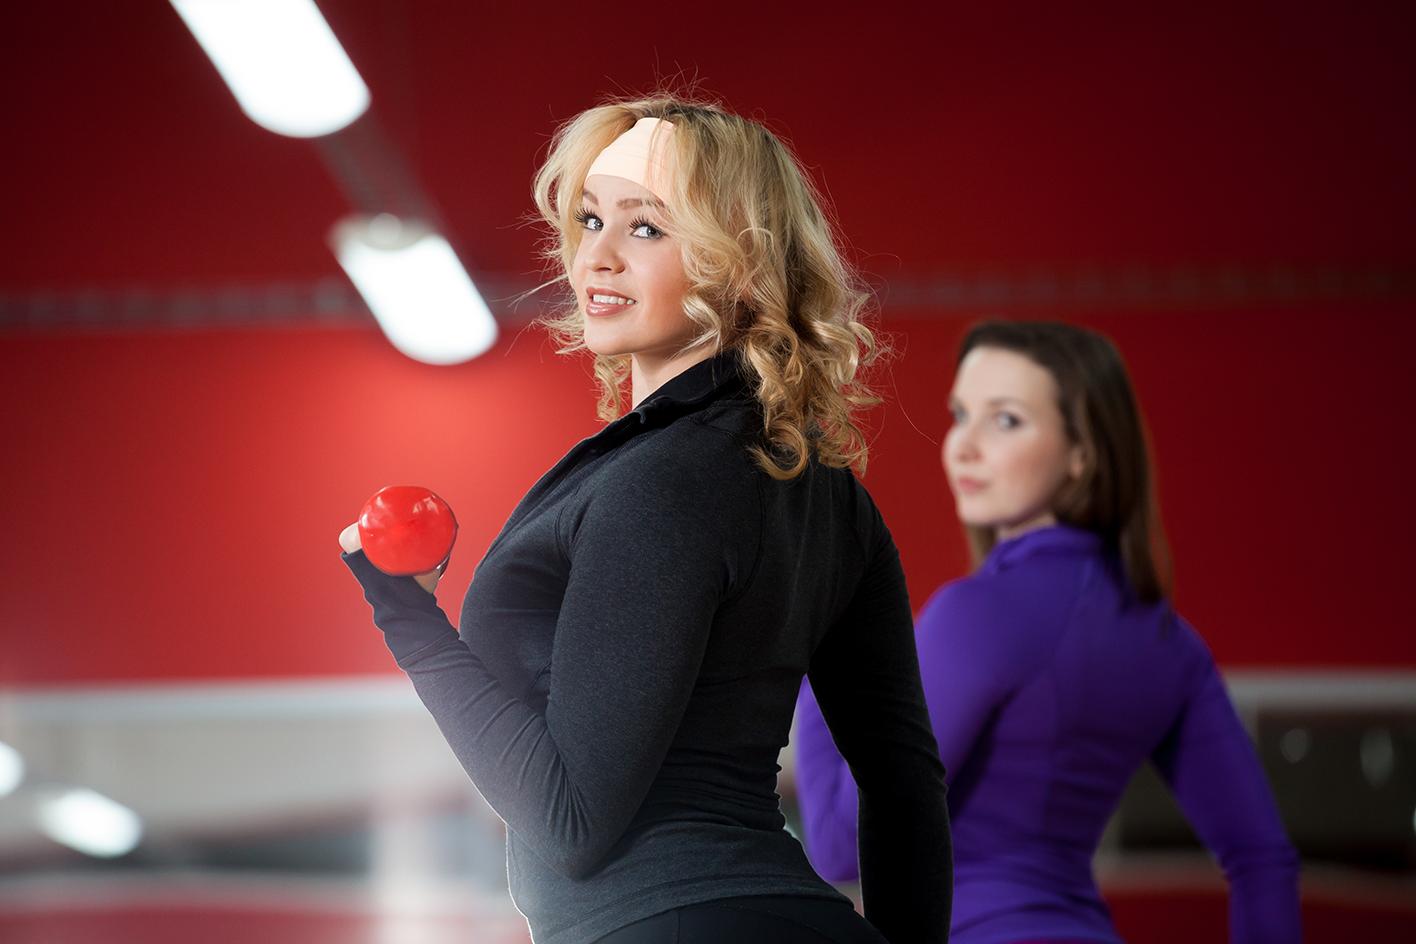 Домашние упражнения, которые помогут быстро убрать жир с боков и живота